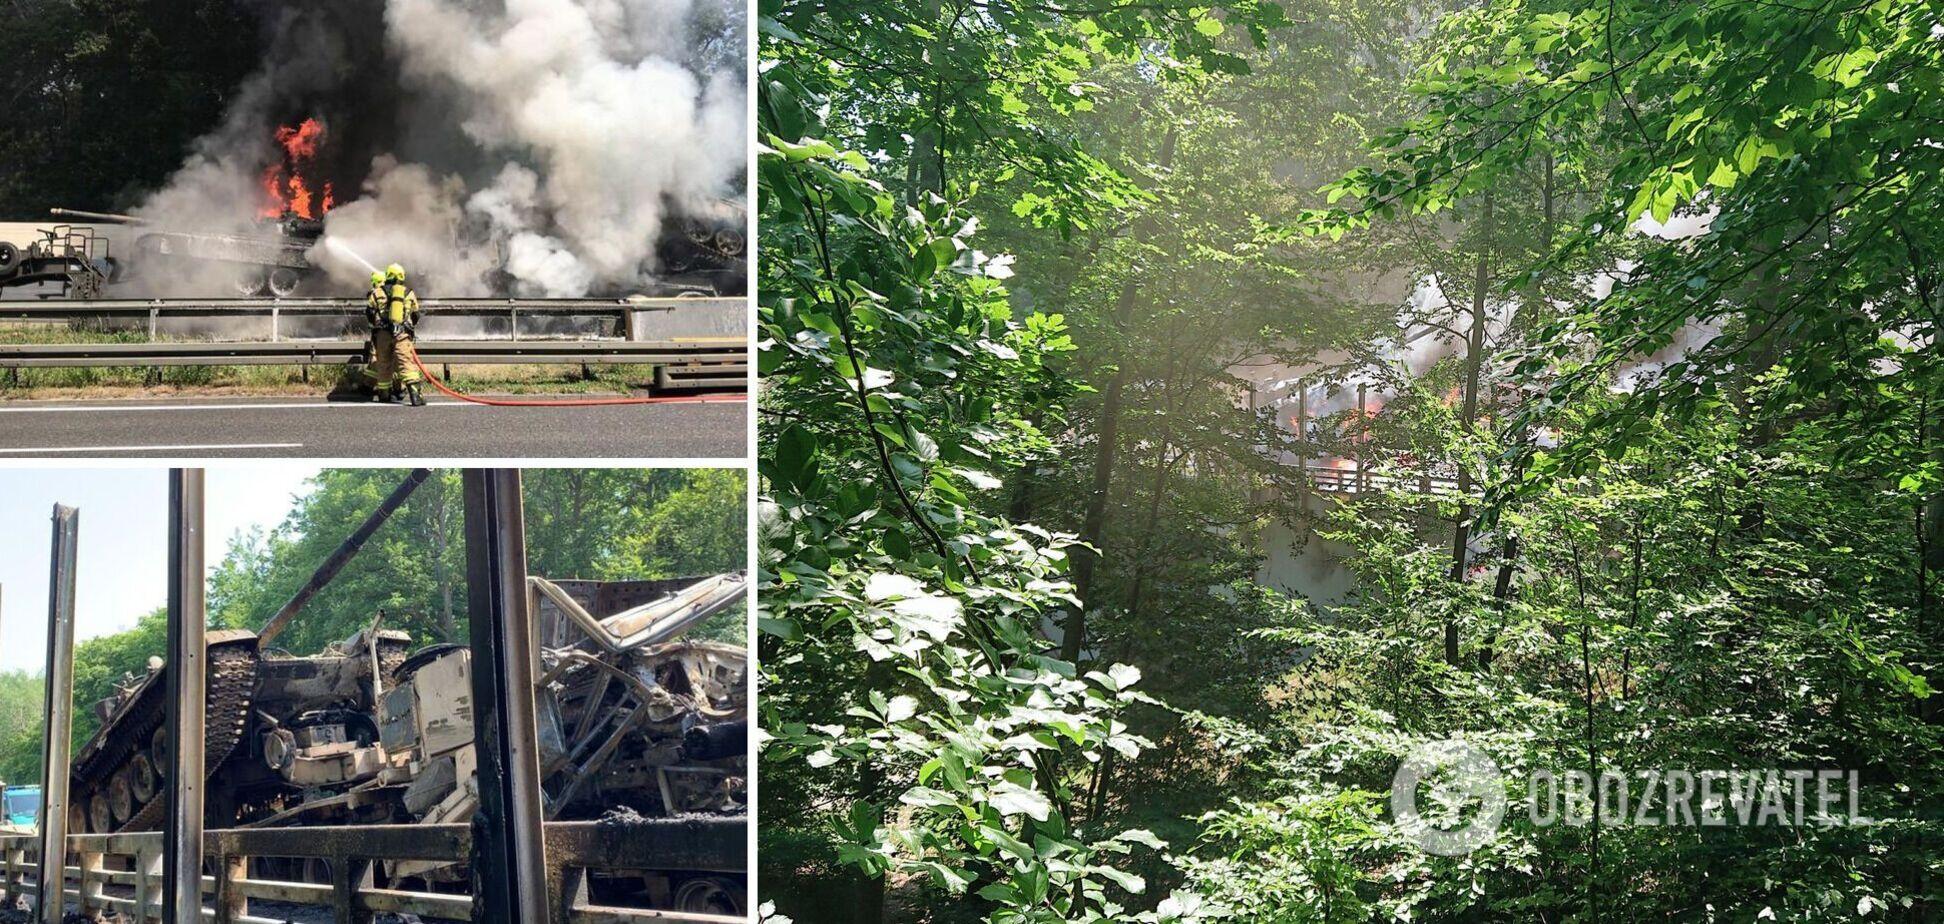 У Польщі евакуатори з танками потрапили в ДТП і загорілися. Фото й відео